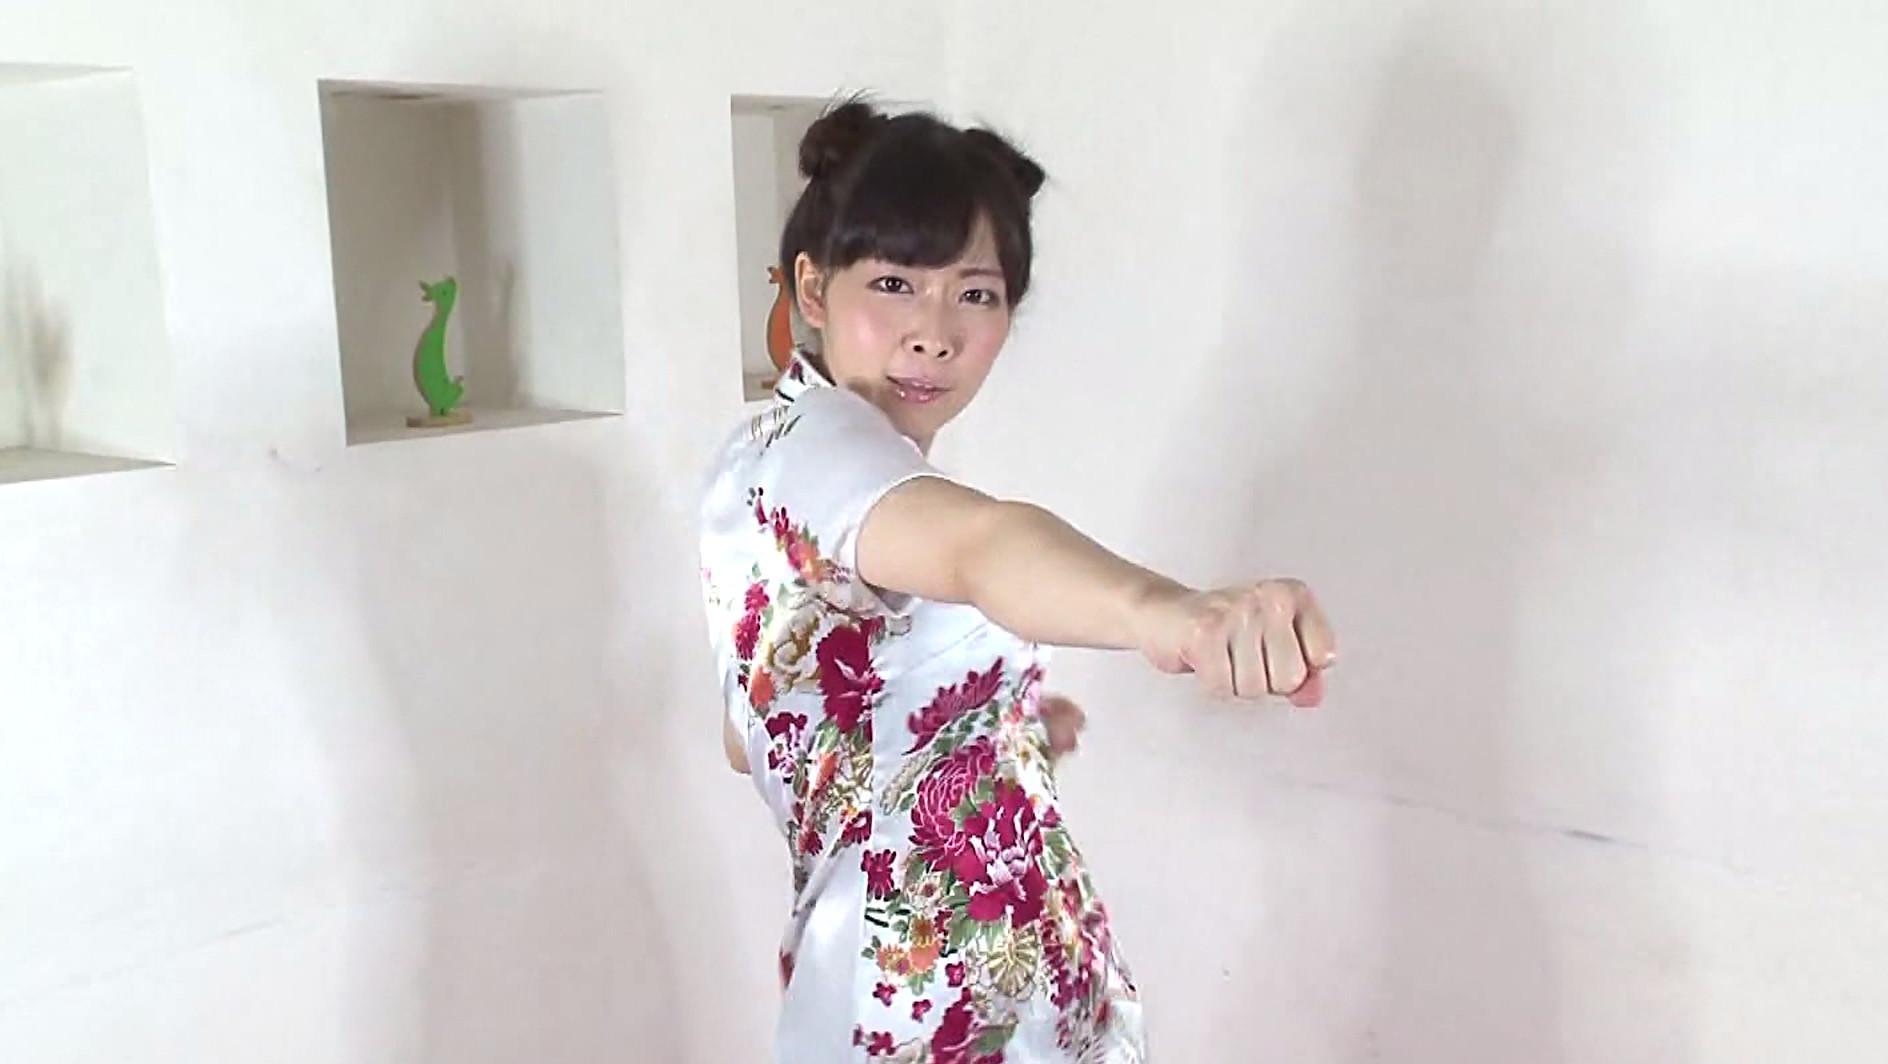 原美織が気功で発情しまくって鬼イキオナニー!超ミニスカのチャイナドレスが最高 画像2